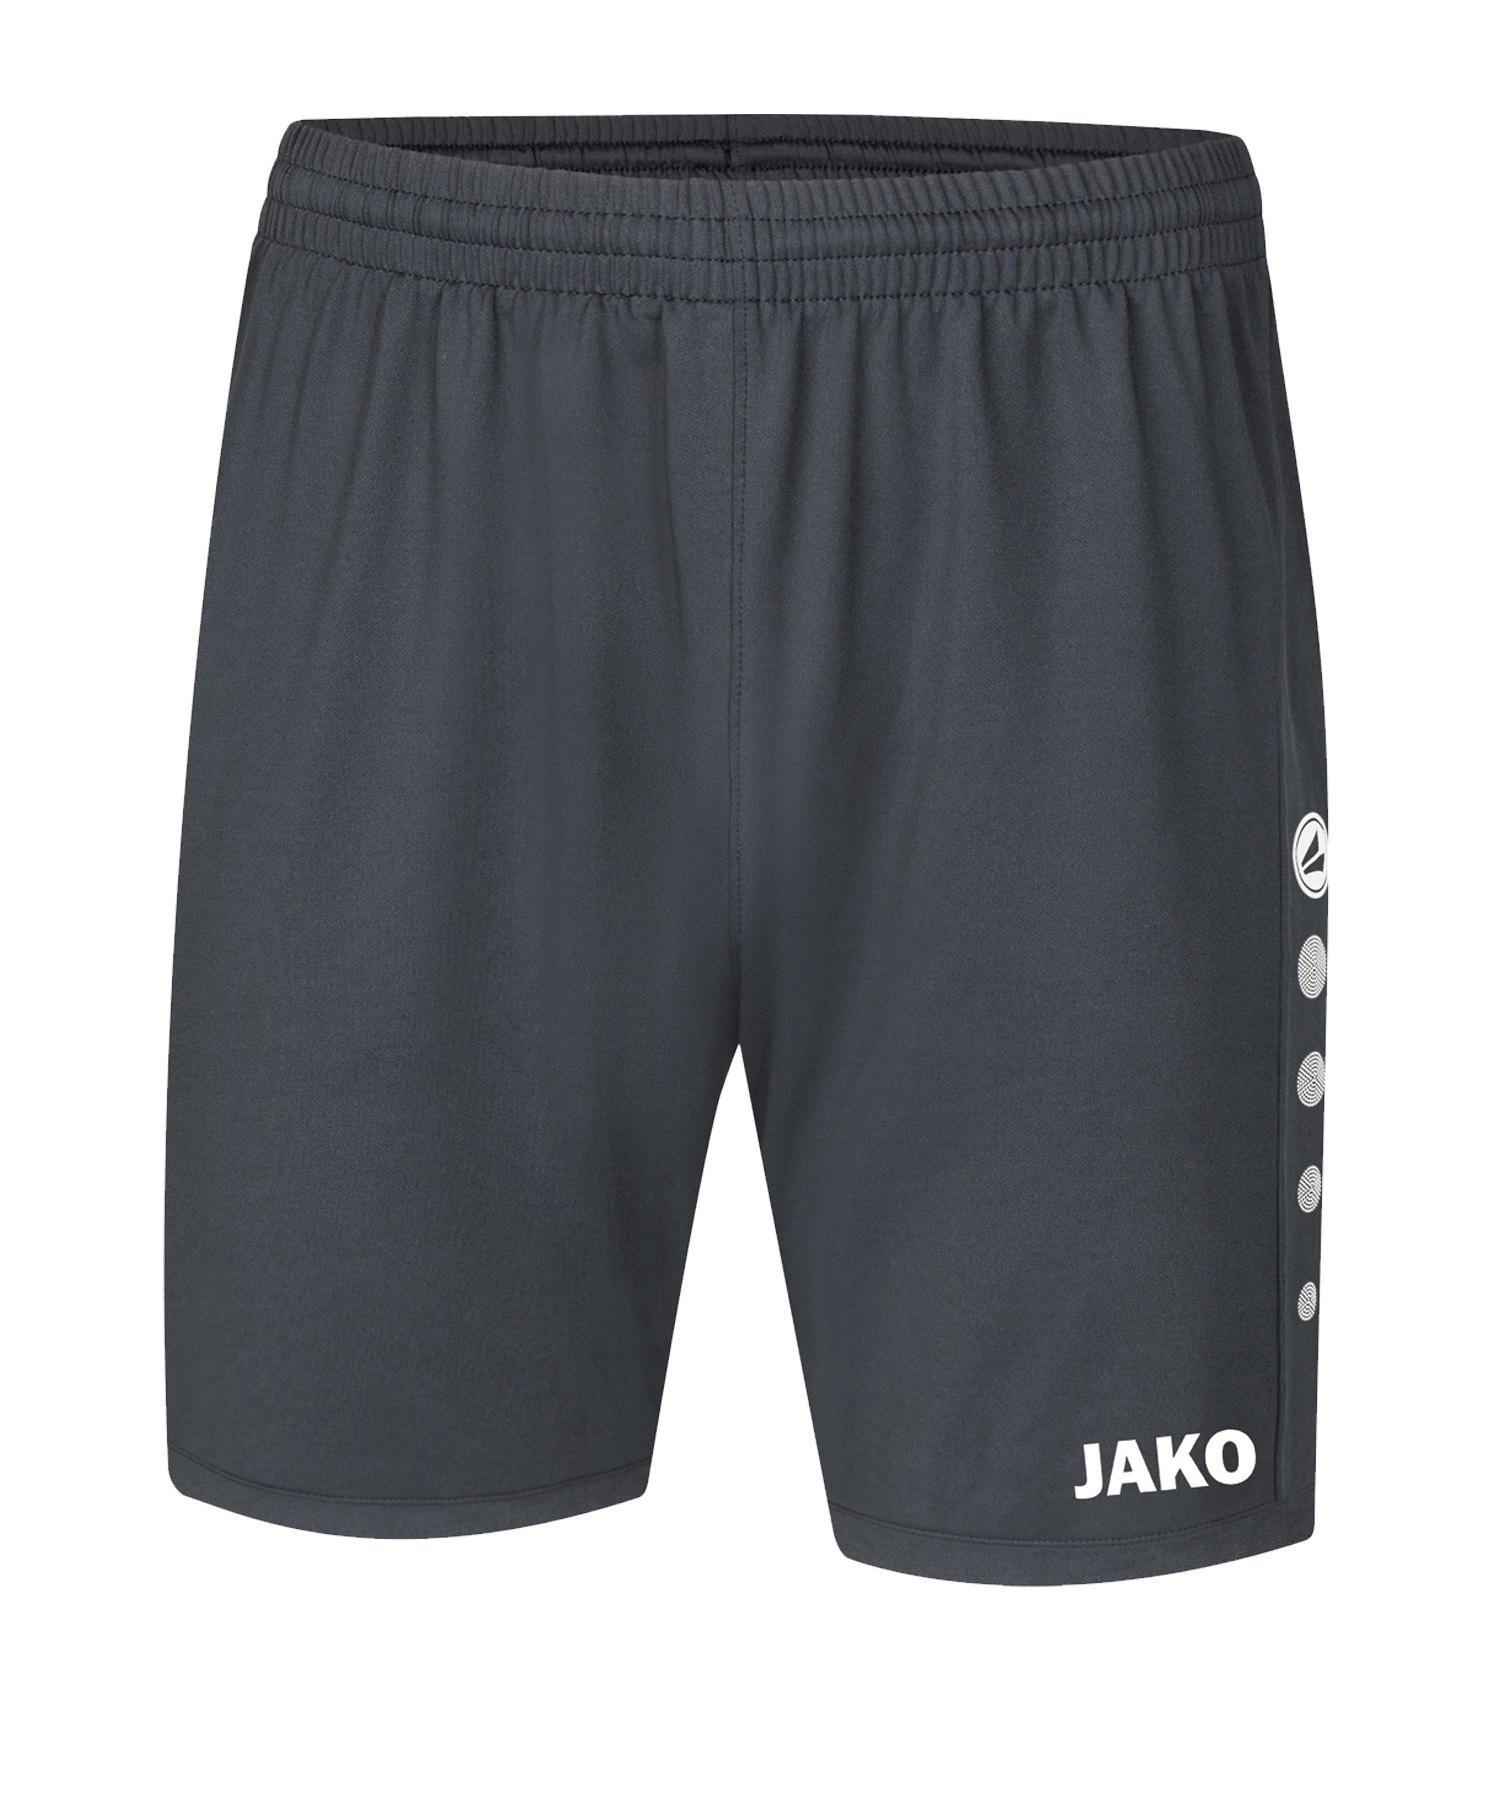 JAKO Premium Short Grau F21 - grau